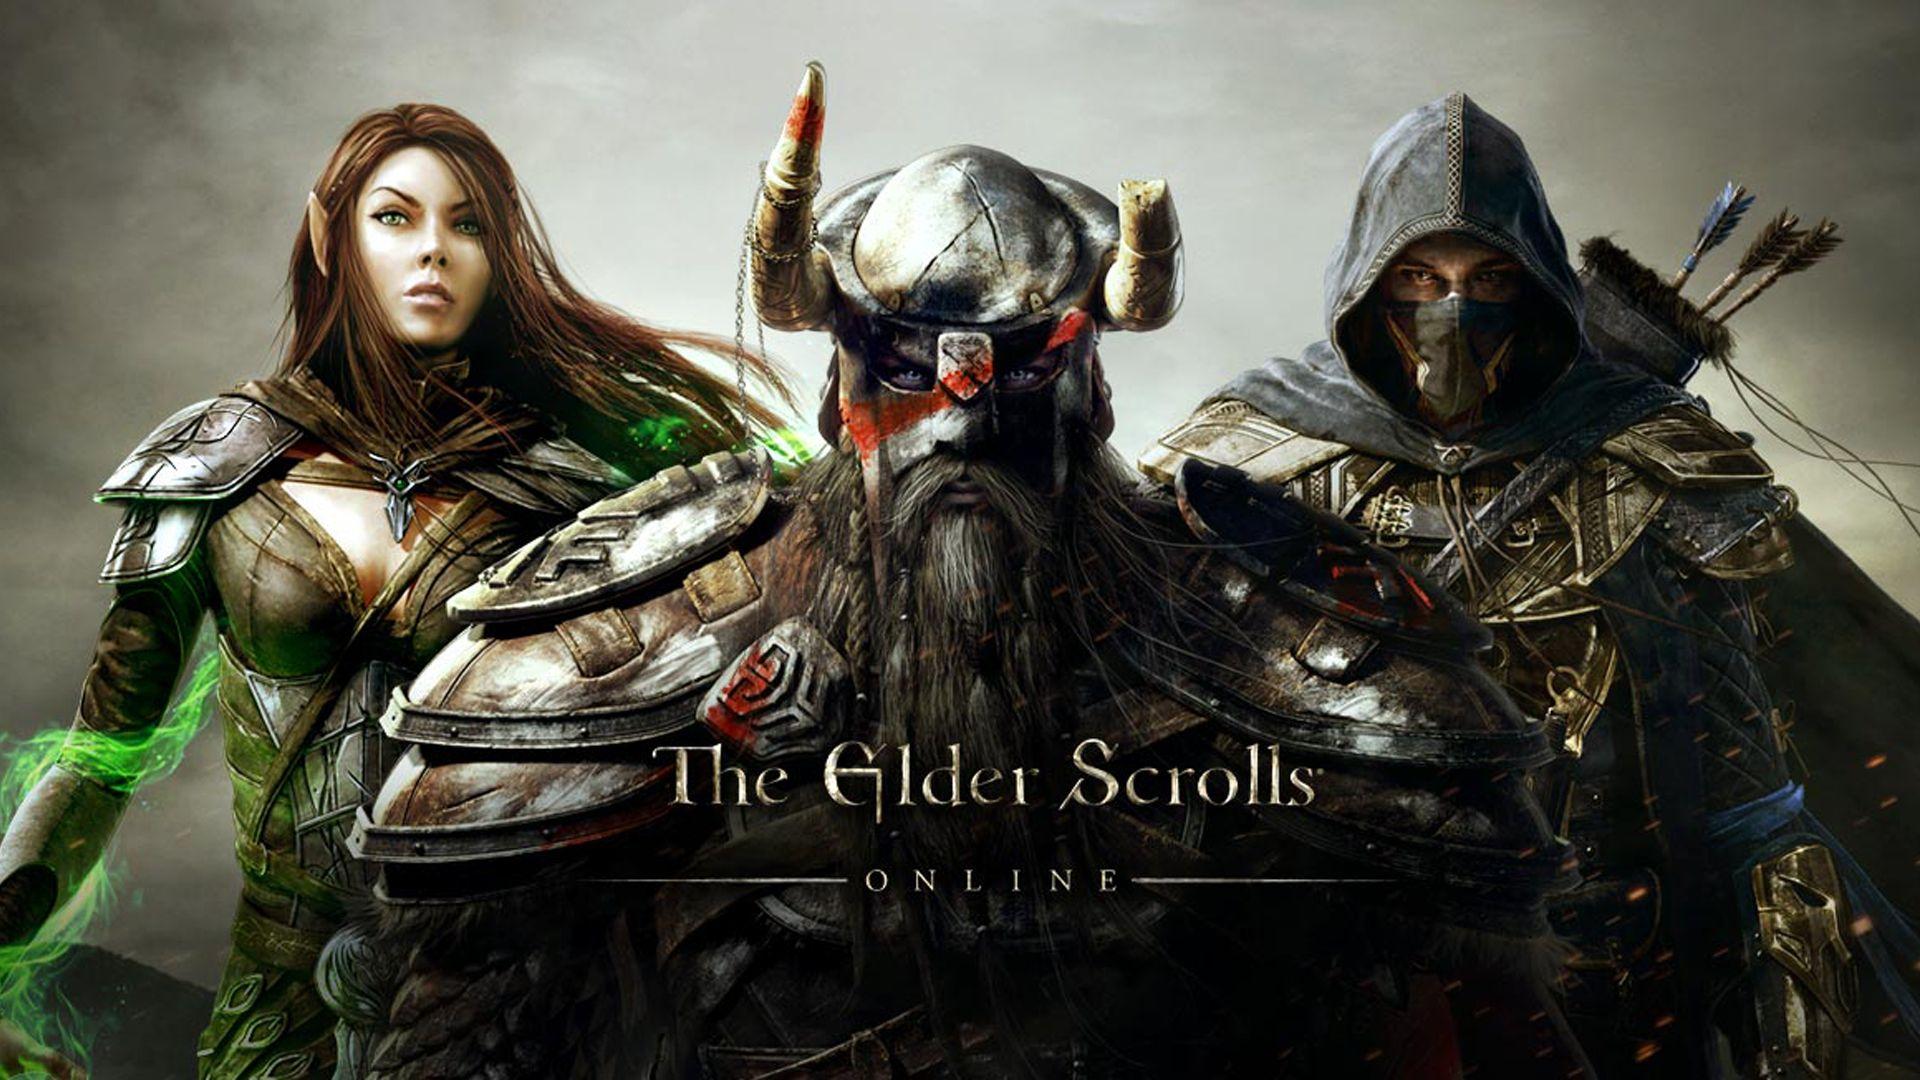 日本語版「The Elder Scrolls Online」DMMで配信決定